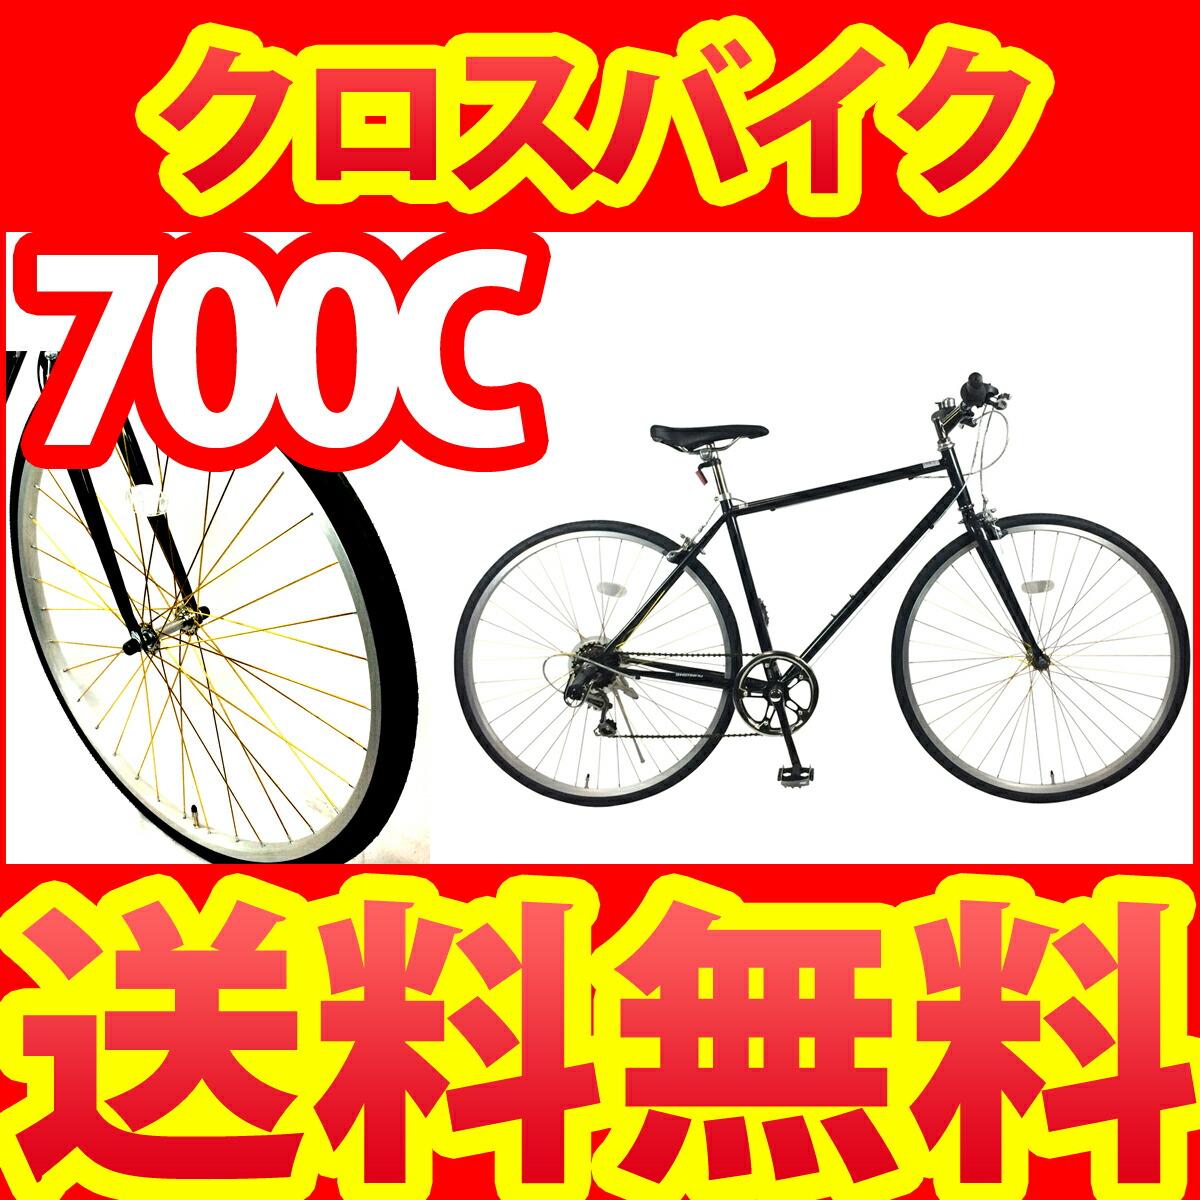 自転車 初心者におすすめ クロスバイク SUNTRUST サントラスト ブラック/黒色700c クロスバイク ゴールドスポーク シマノ外装6段ギア ゴールドスポークが印象に残る700cクロスバイク 自転車